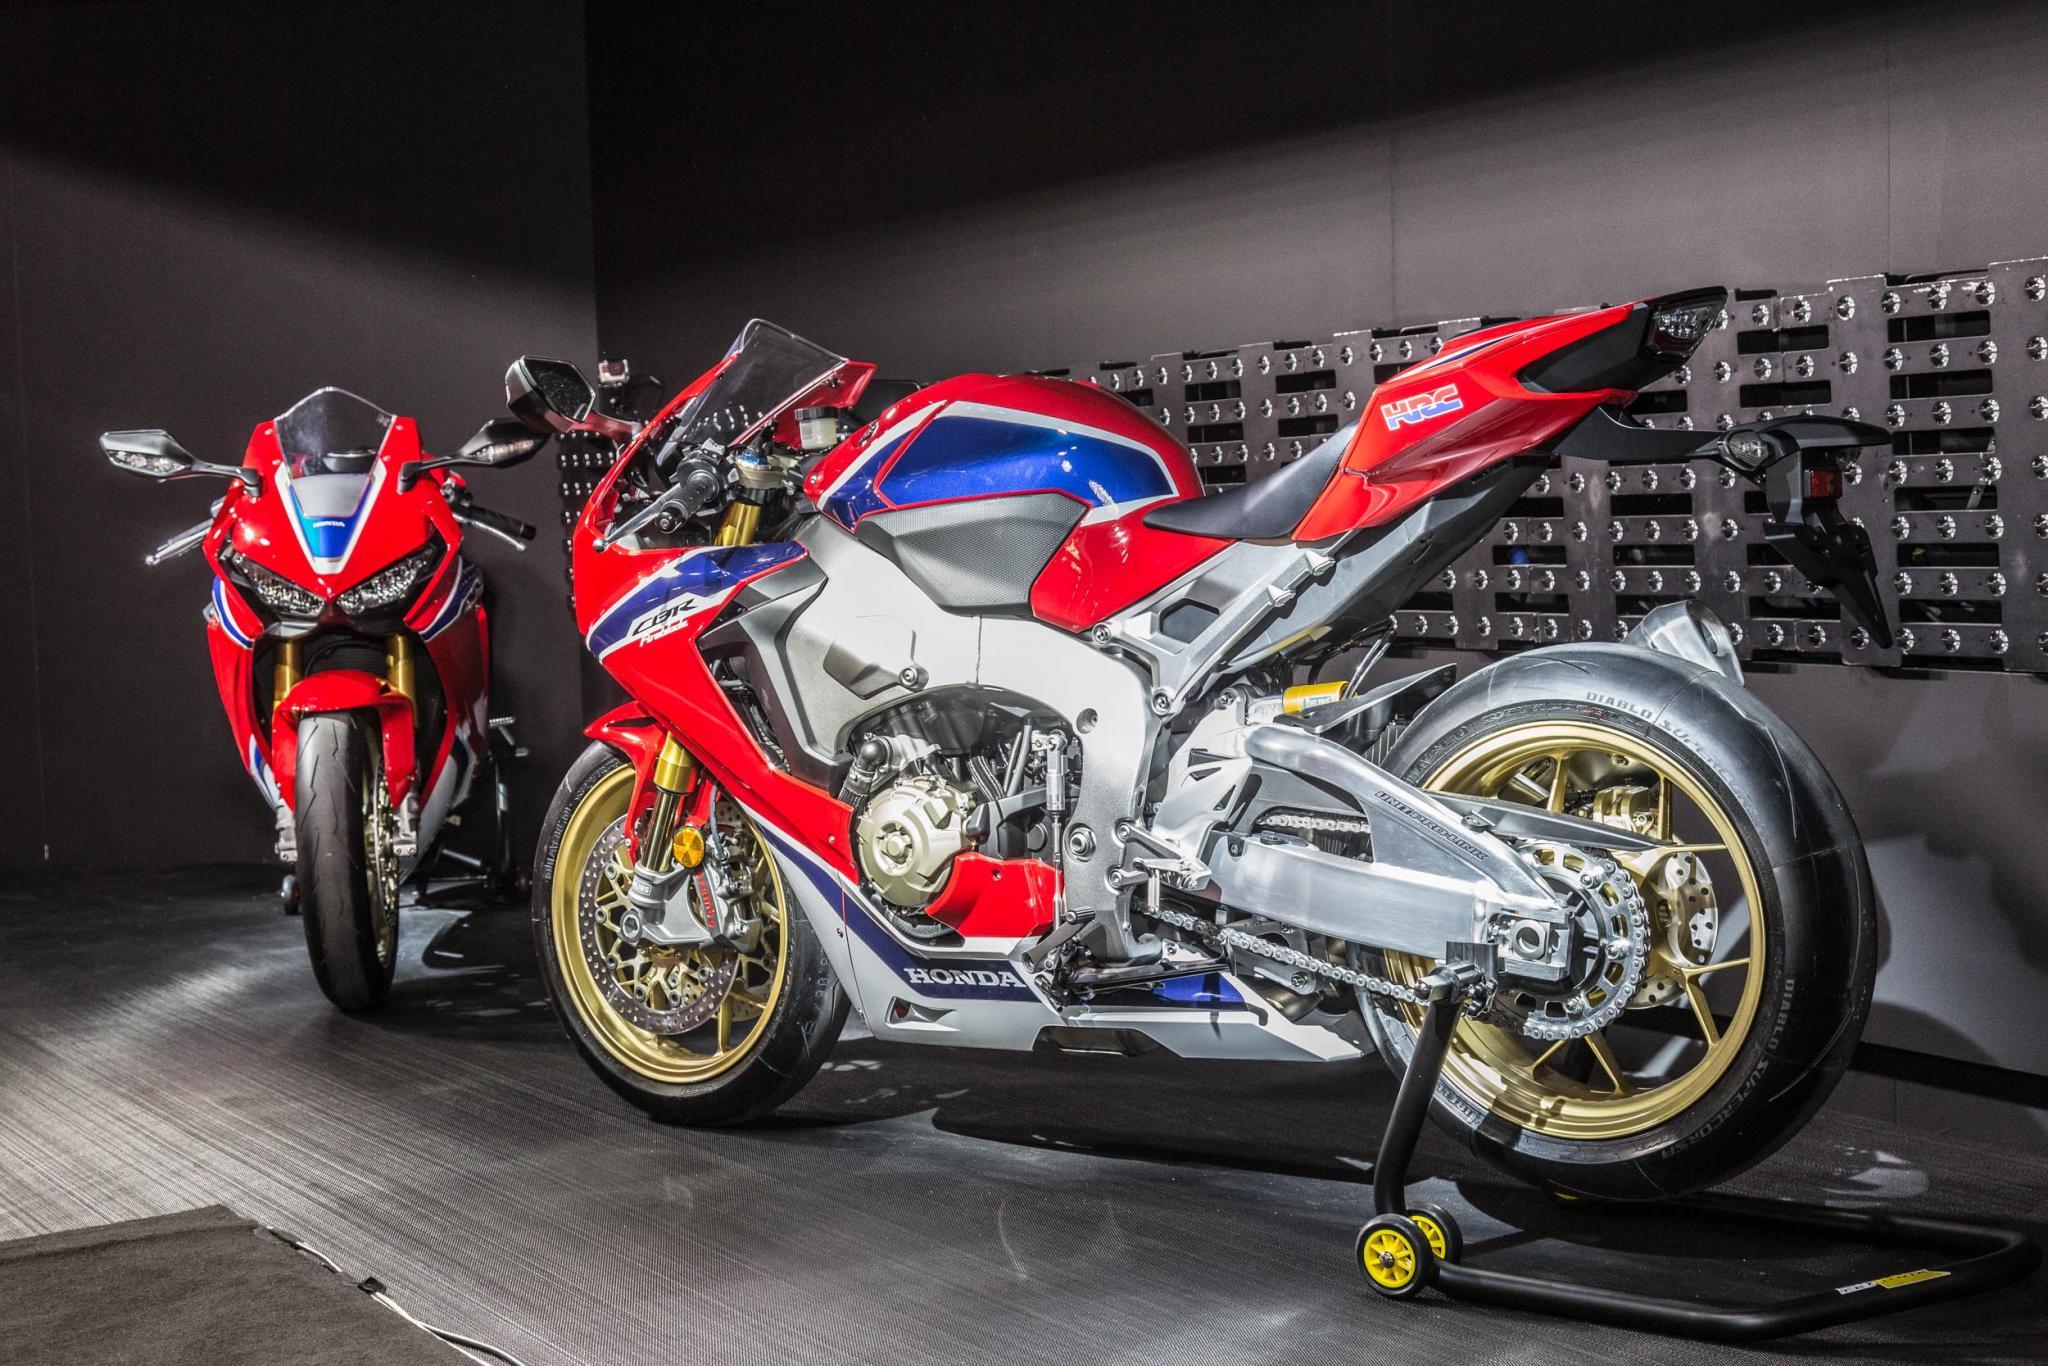 Honda Neuheiten 2017 Motorrad Fotos & Motorrad Bilder